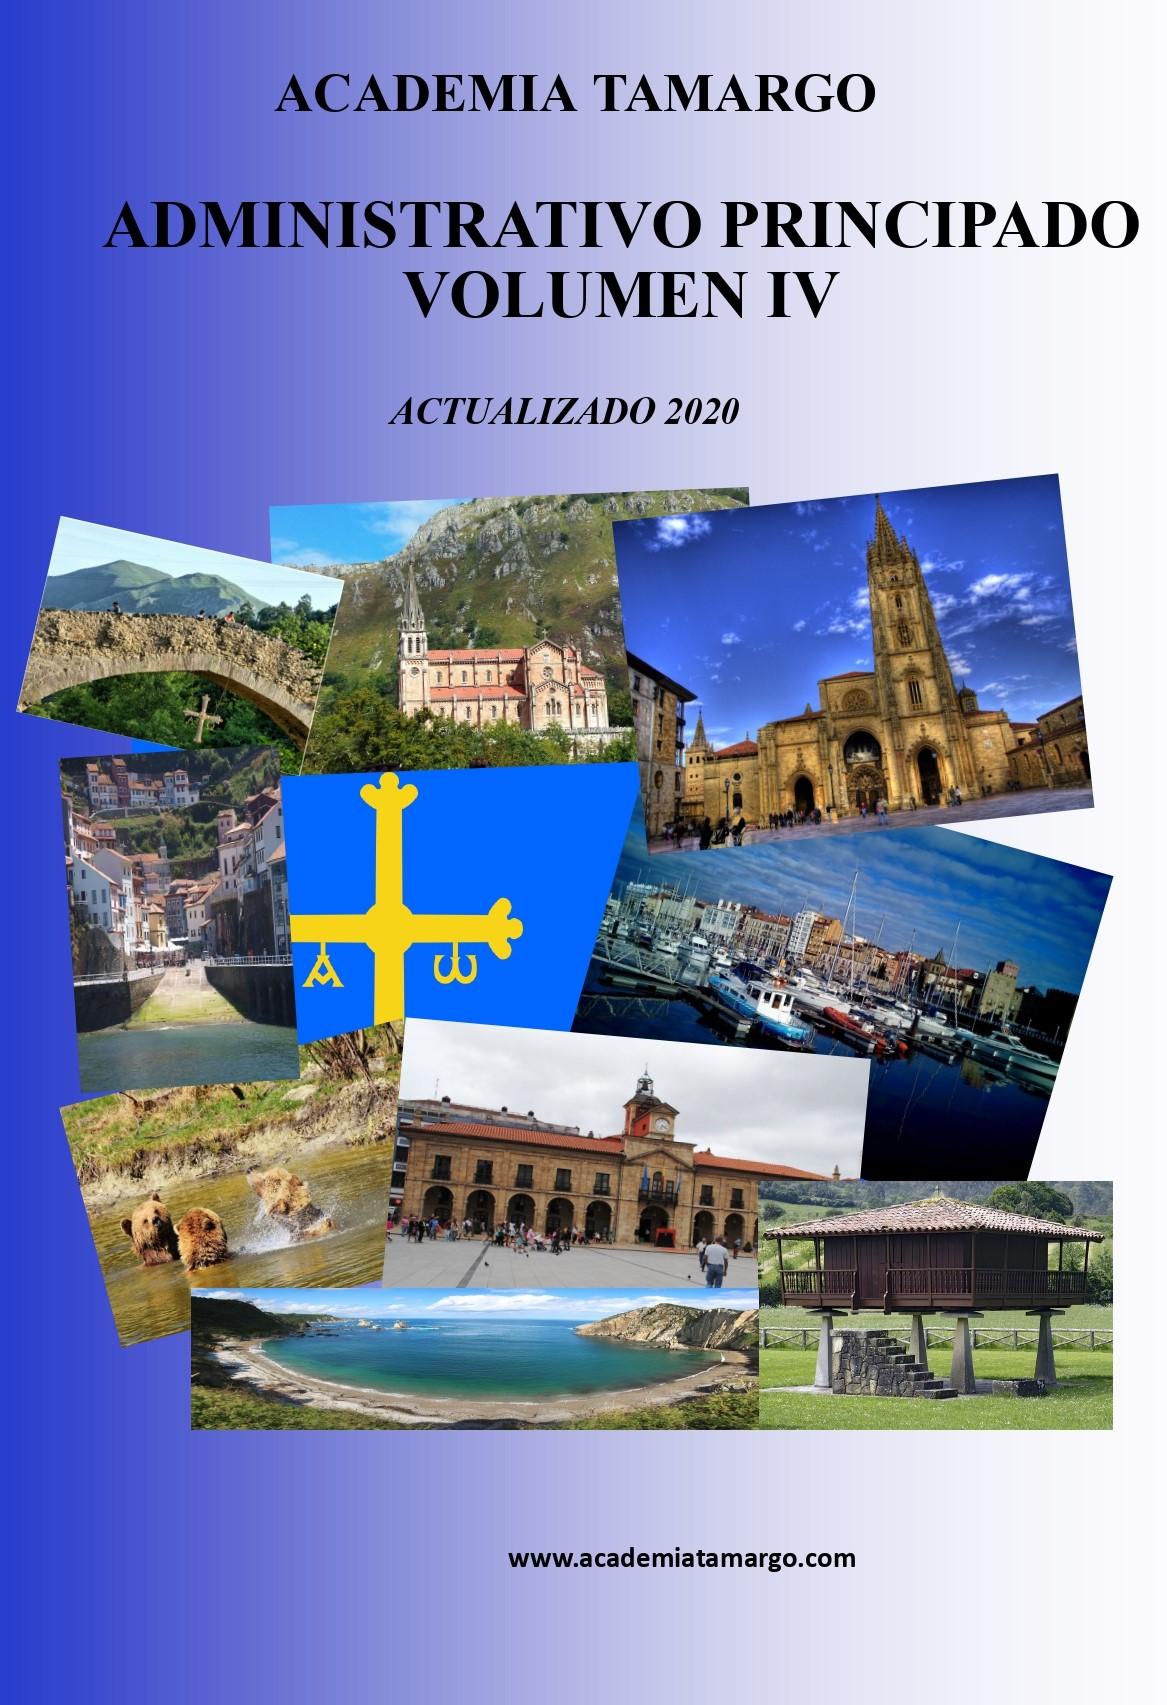 portada, contraportada y lomo de especifico del ADVO ppdo. VOL IV_page-0001